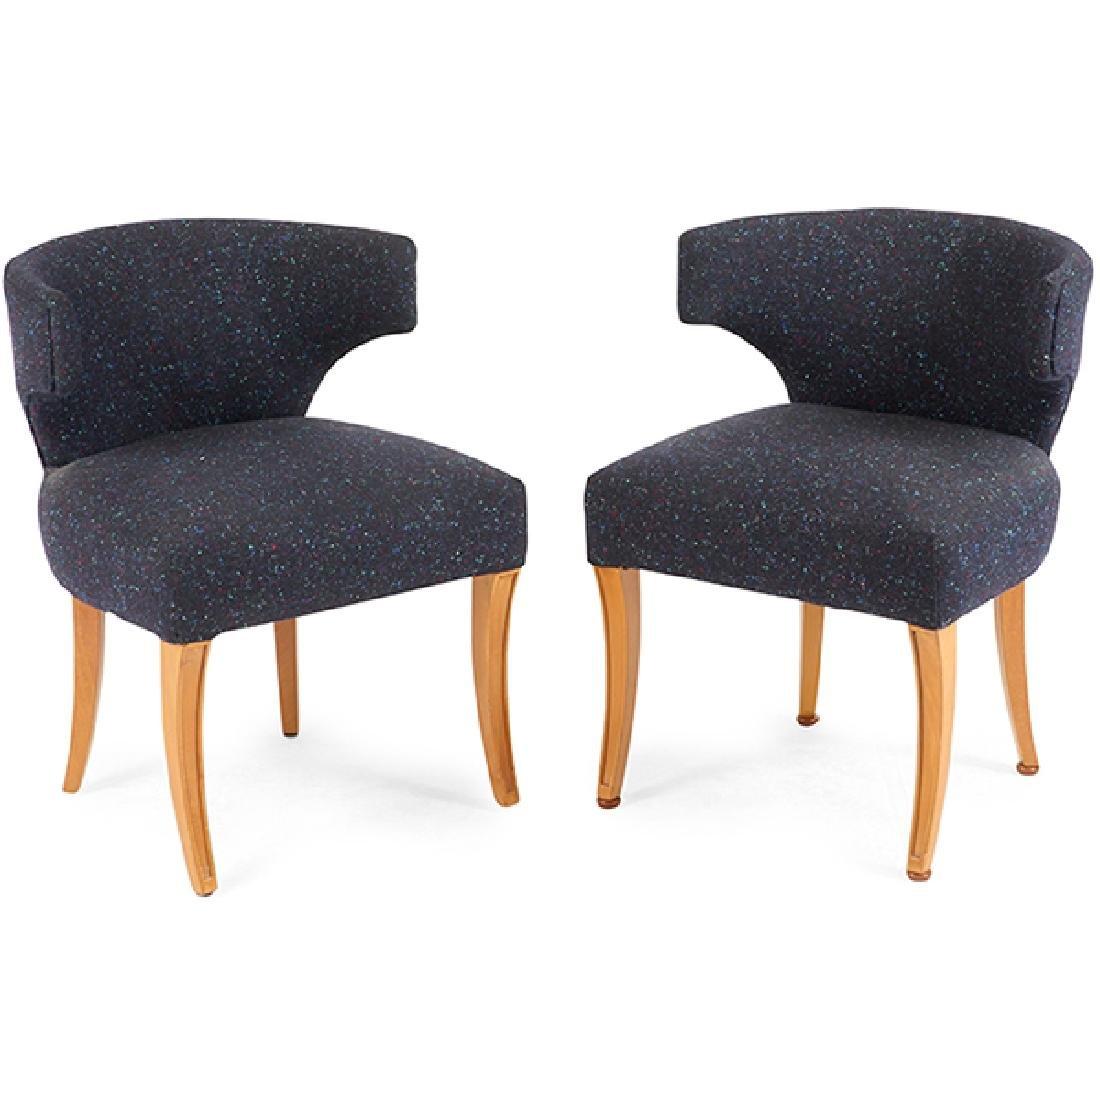 Edward Wormley (1907-1995) for Dunbar armchairs, pair